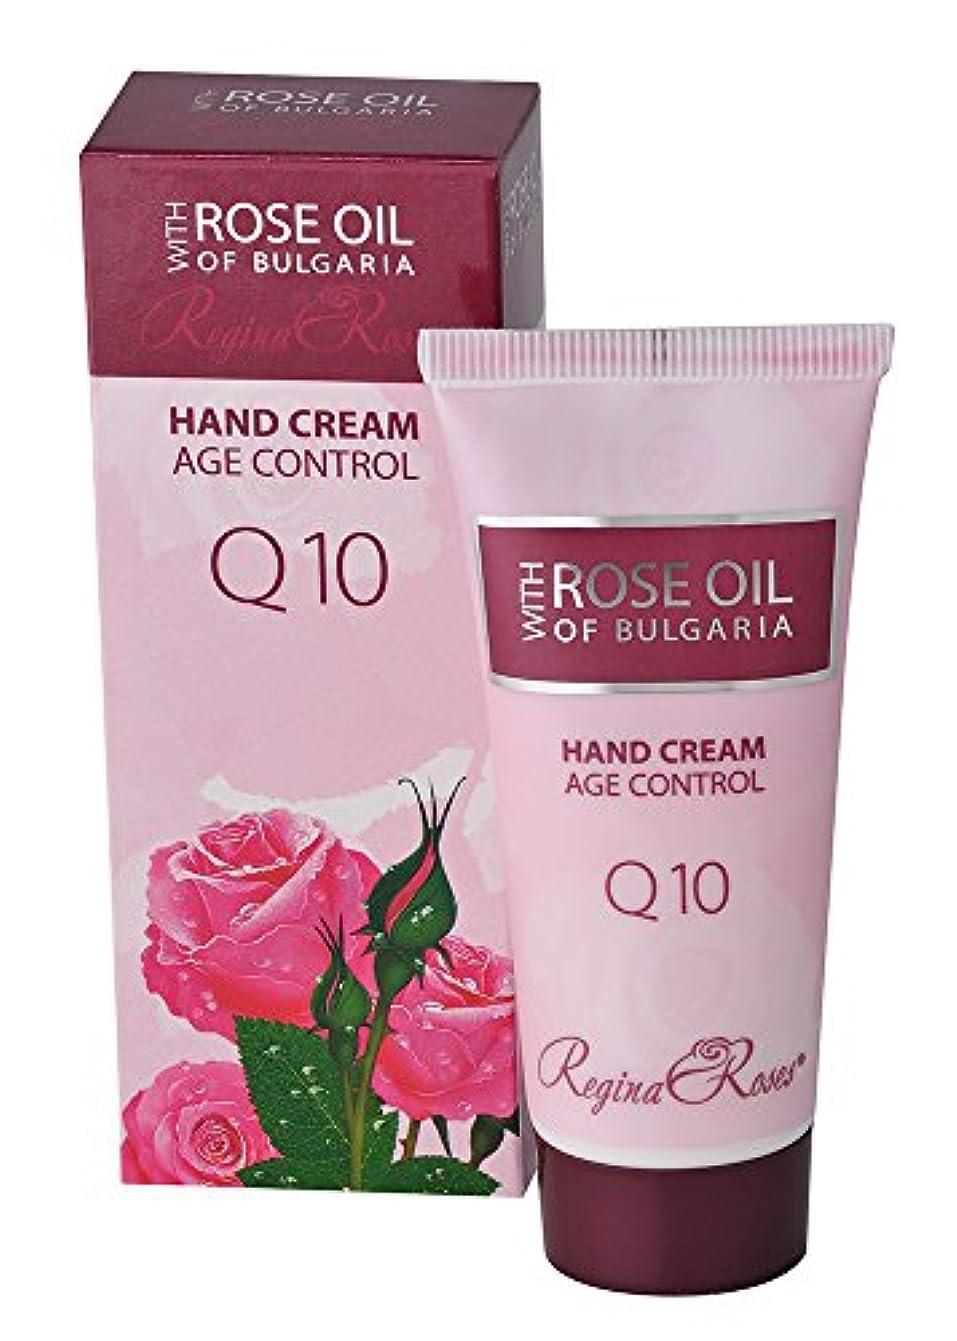 忠実な謝罪四半期Biofresh Regina Roses ハンドクリーム年齢調整Q10 50 ml